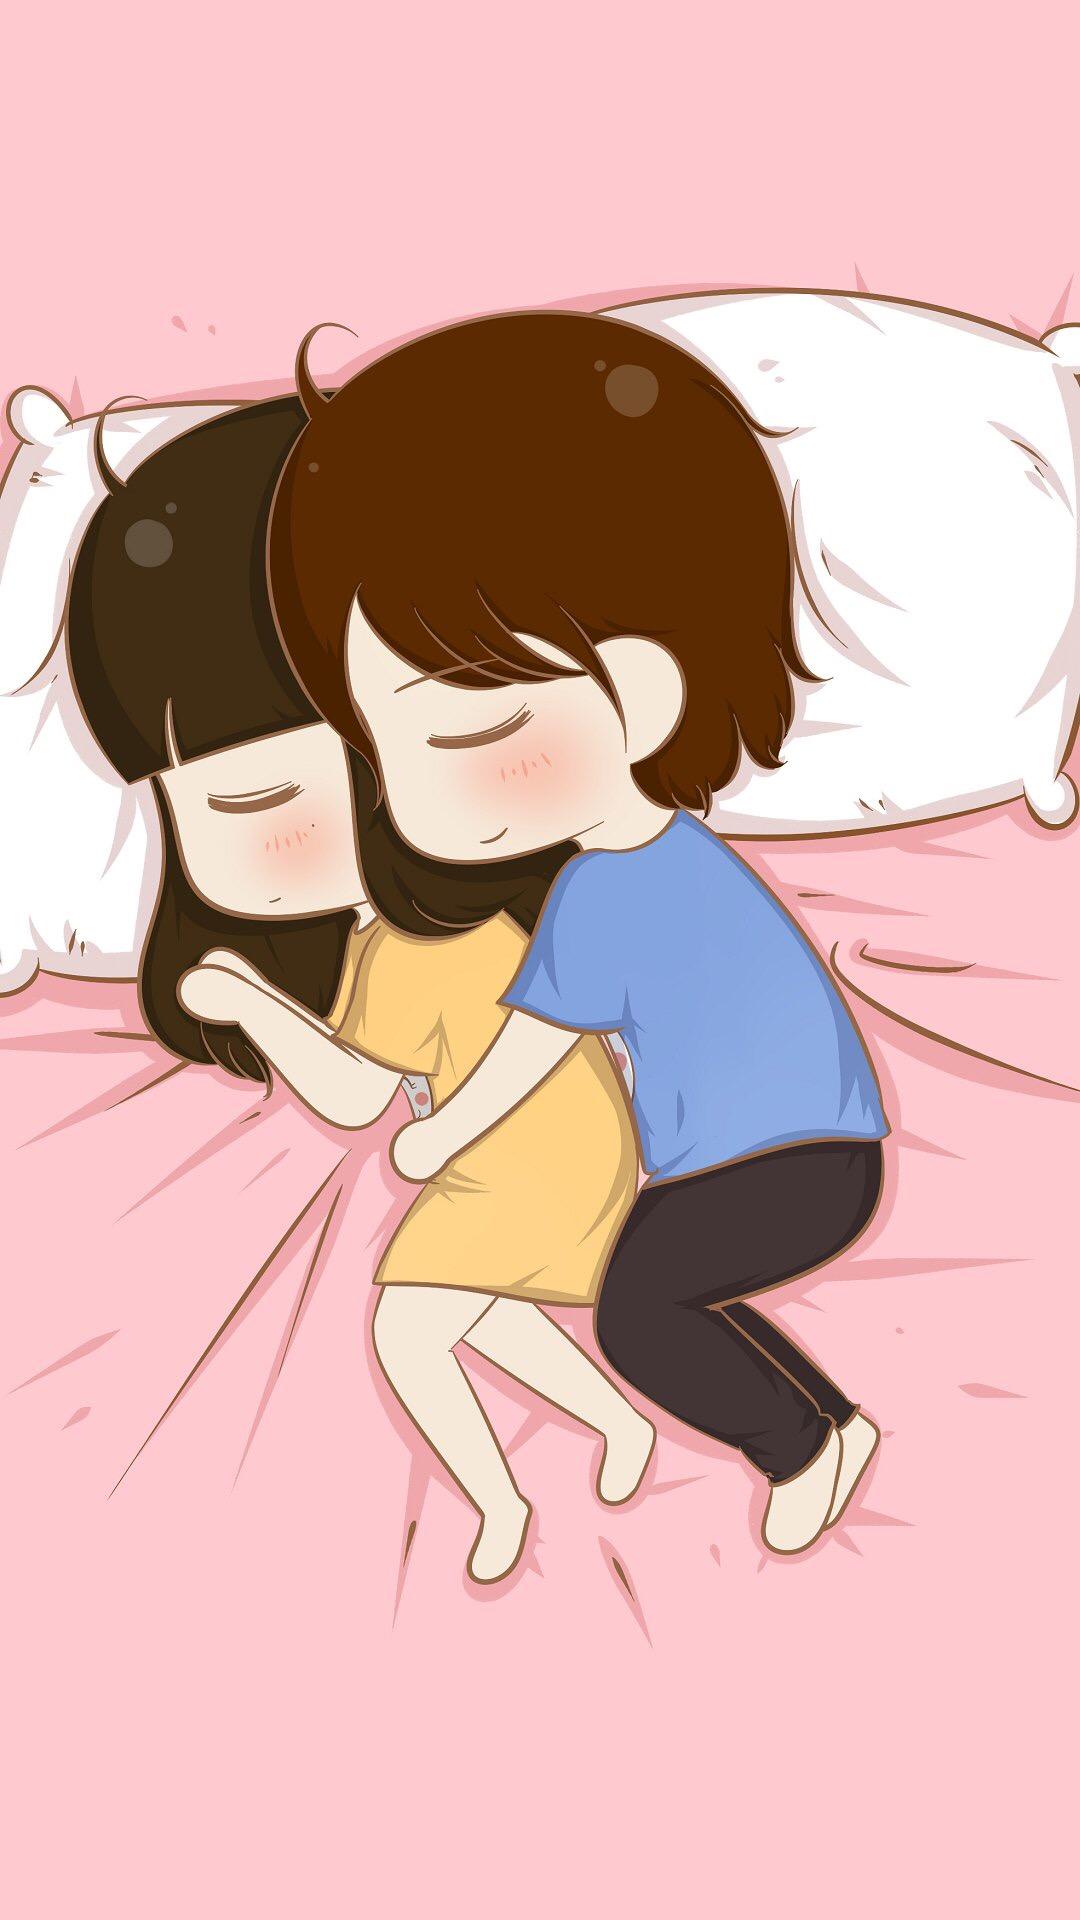 可爱情侣各种睡姿卡通图片iphone7锁屏壁纸